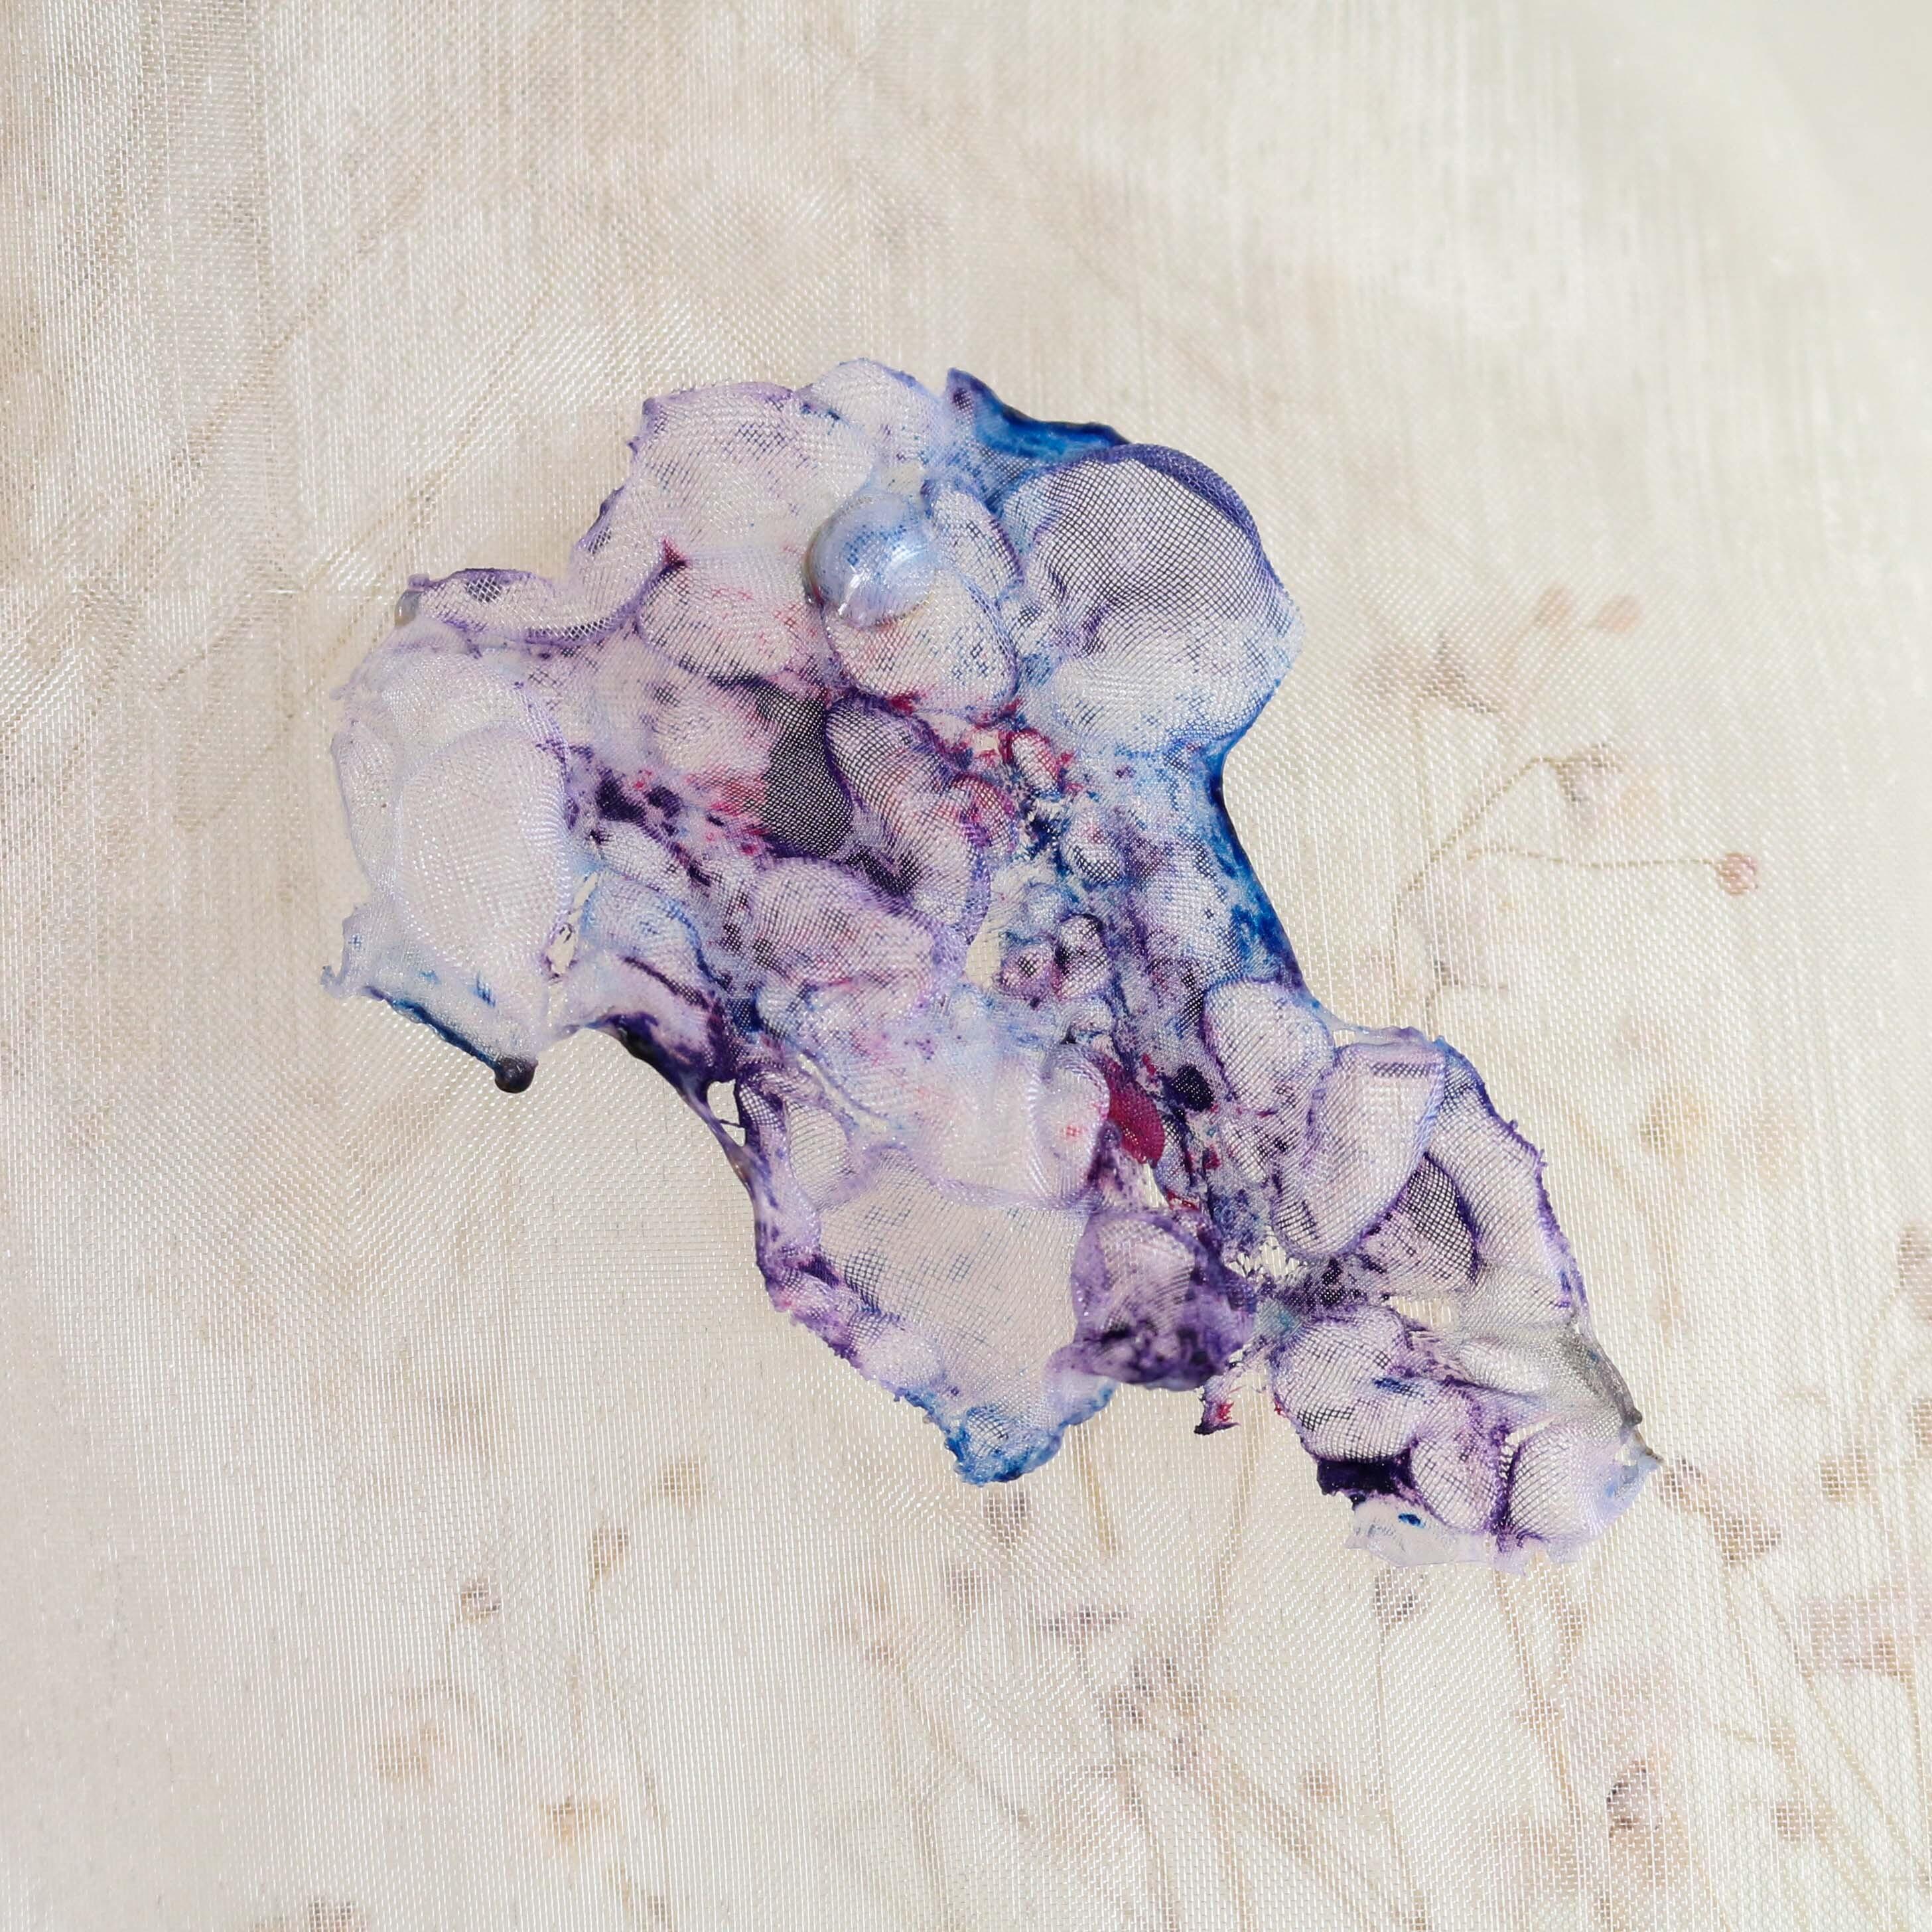 染めオーガンジーのアートピアス|マーブル